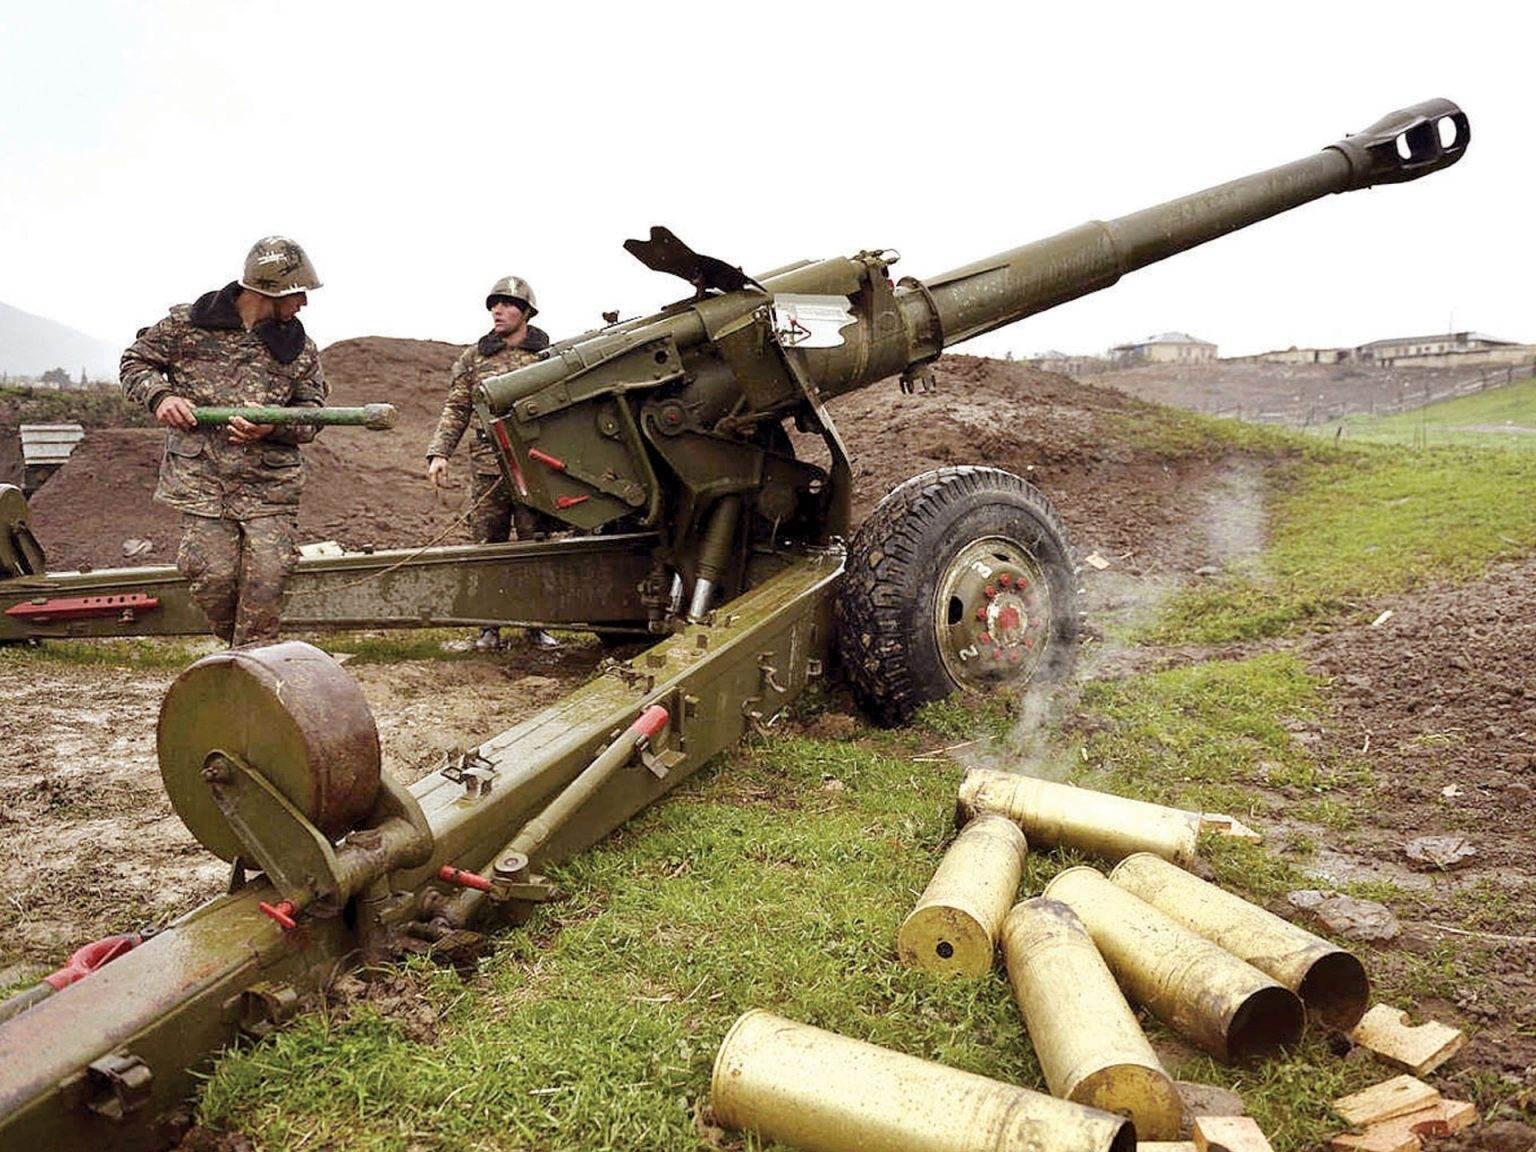 مقتل جندي أرمني في المواجهات التي جرت على الحدود بين أرمينيا وأذربيجان اليوم